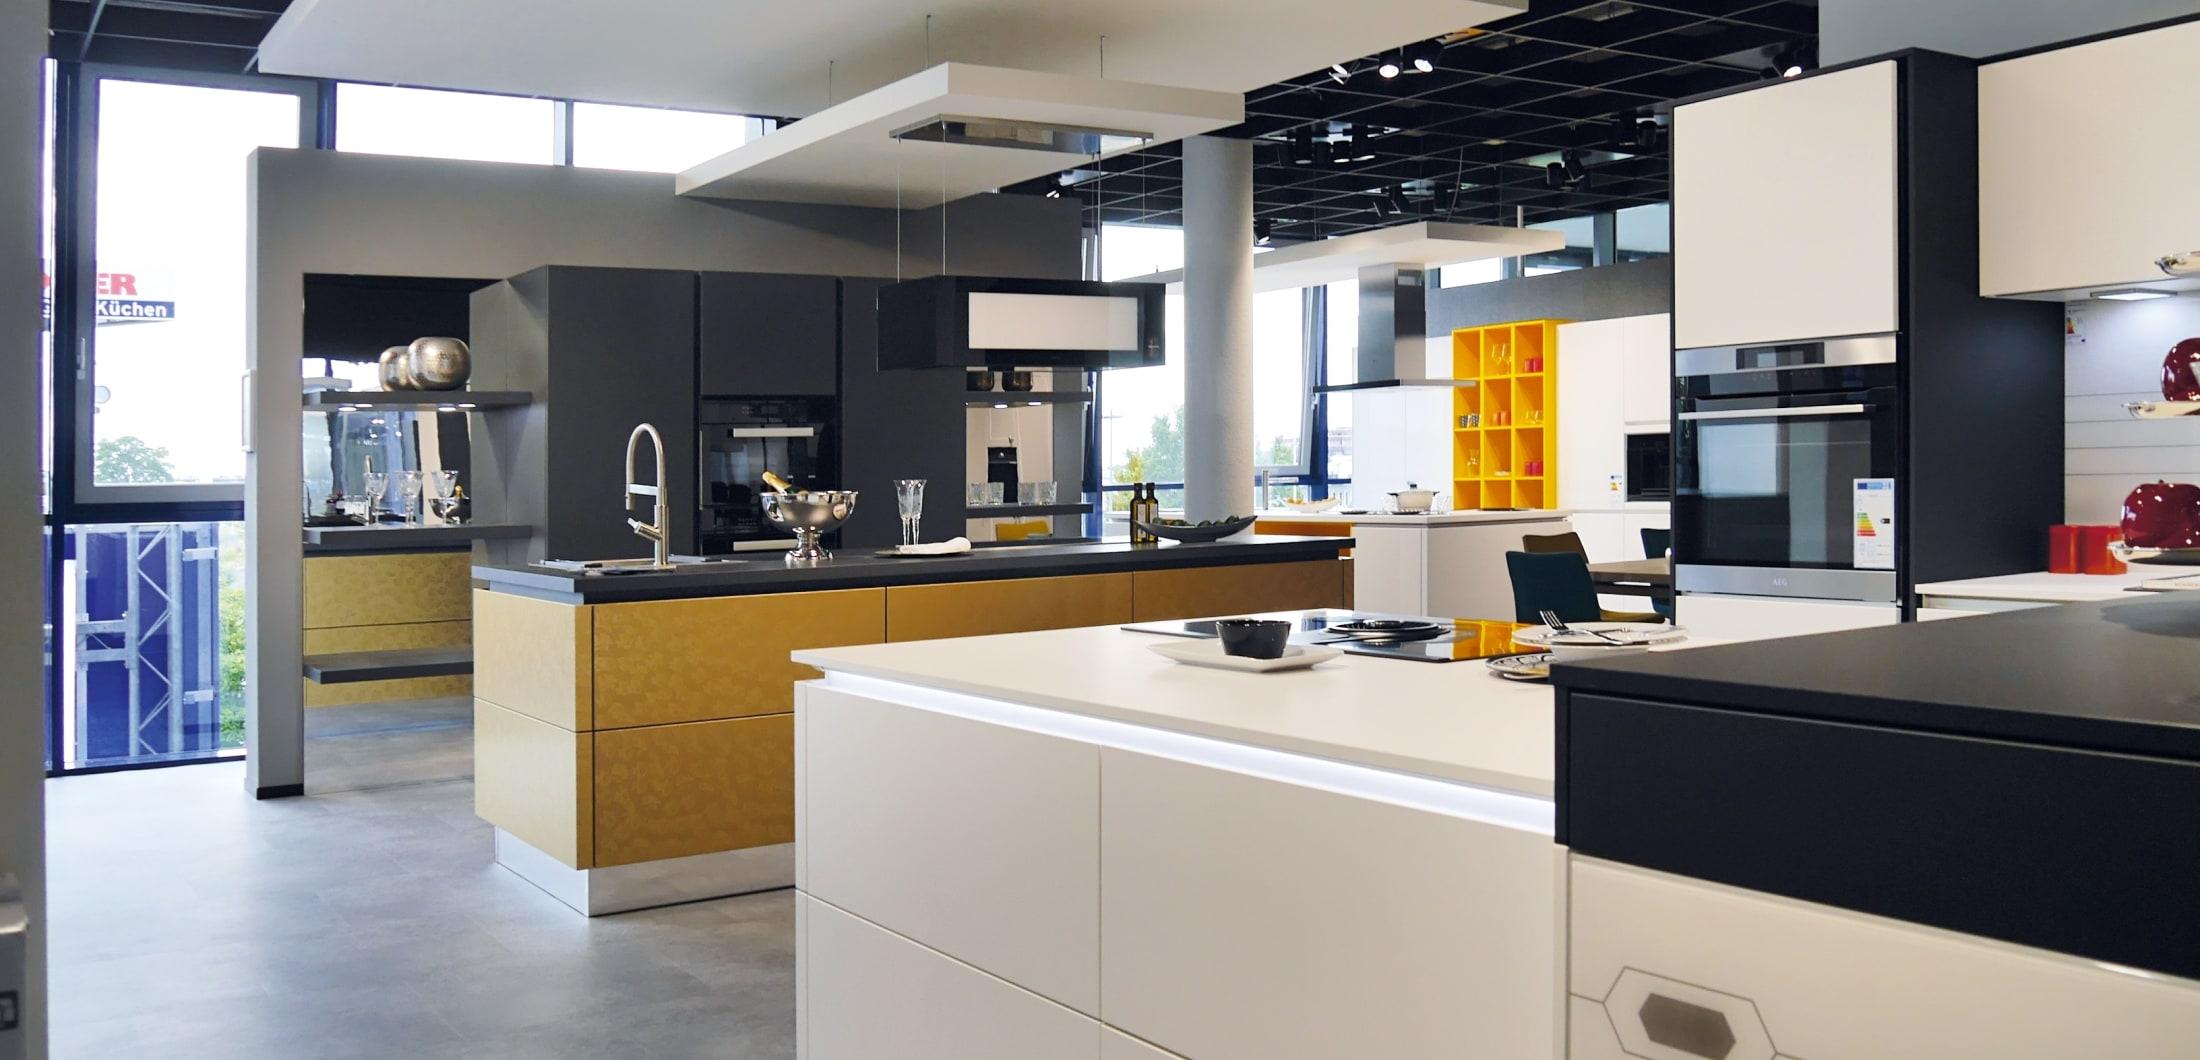 Designerküchen mit Kücheninseln und hochwertiger Ausstattung